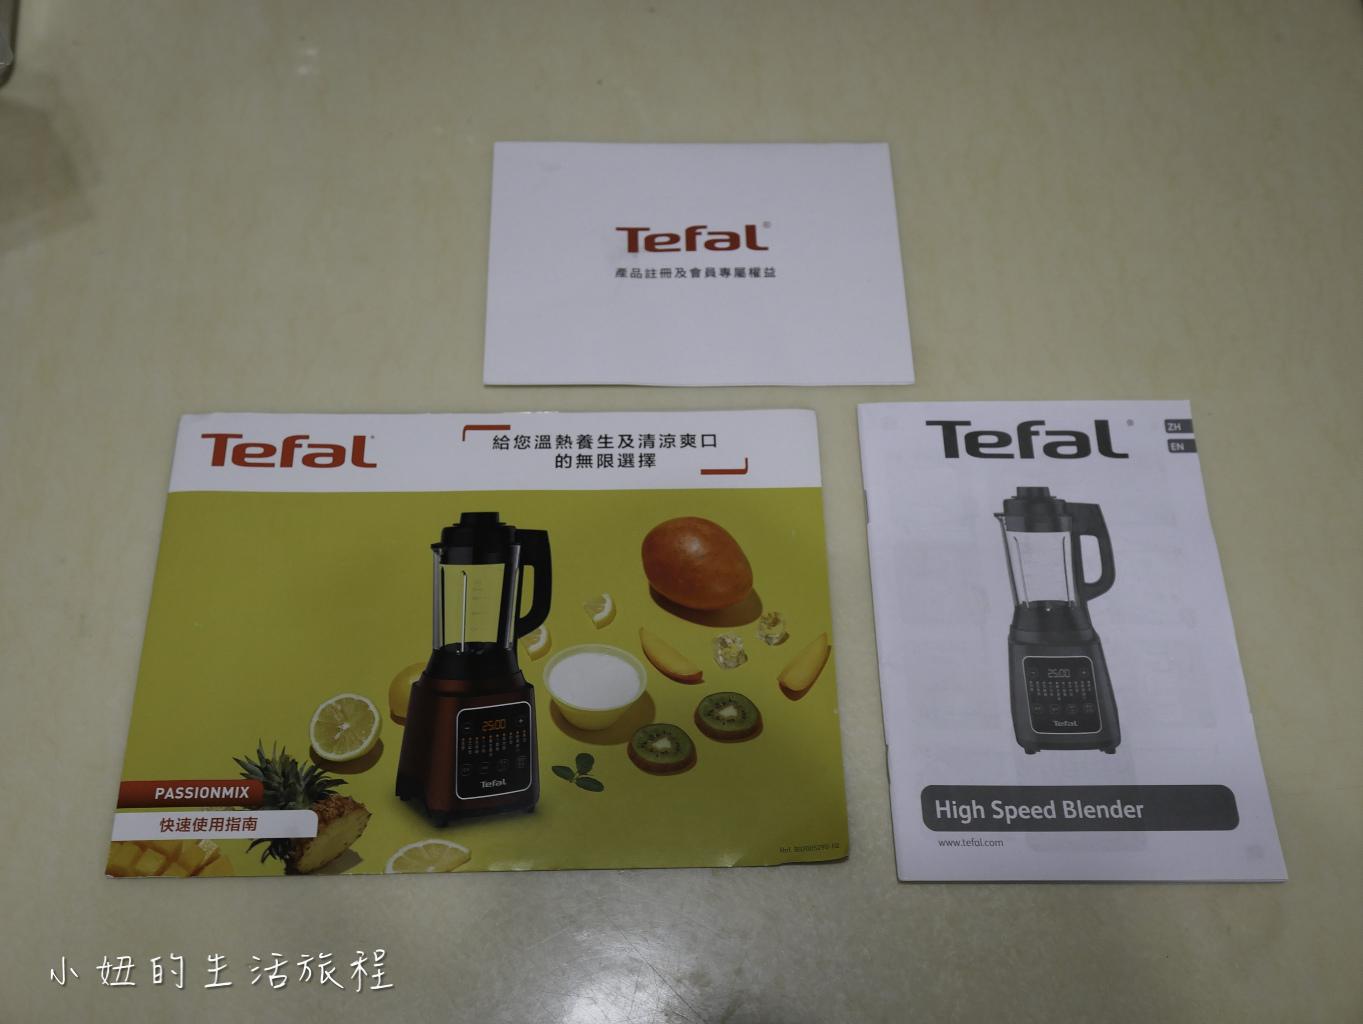 Tefal法國特福高速熱能營養調理機-13.jpg